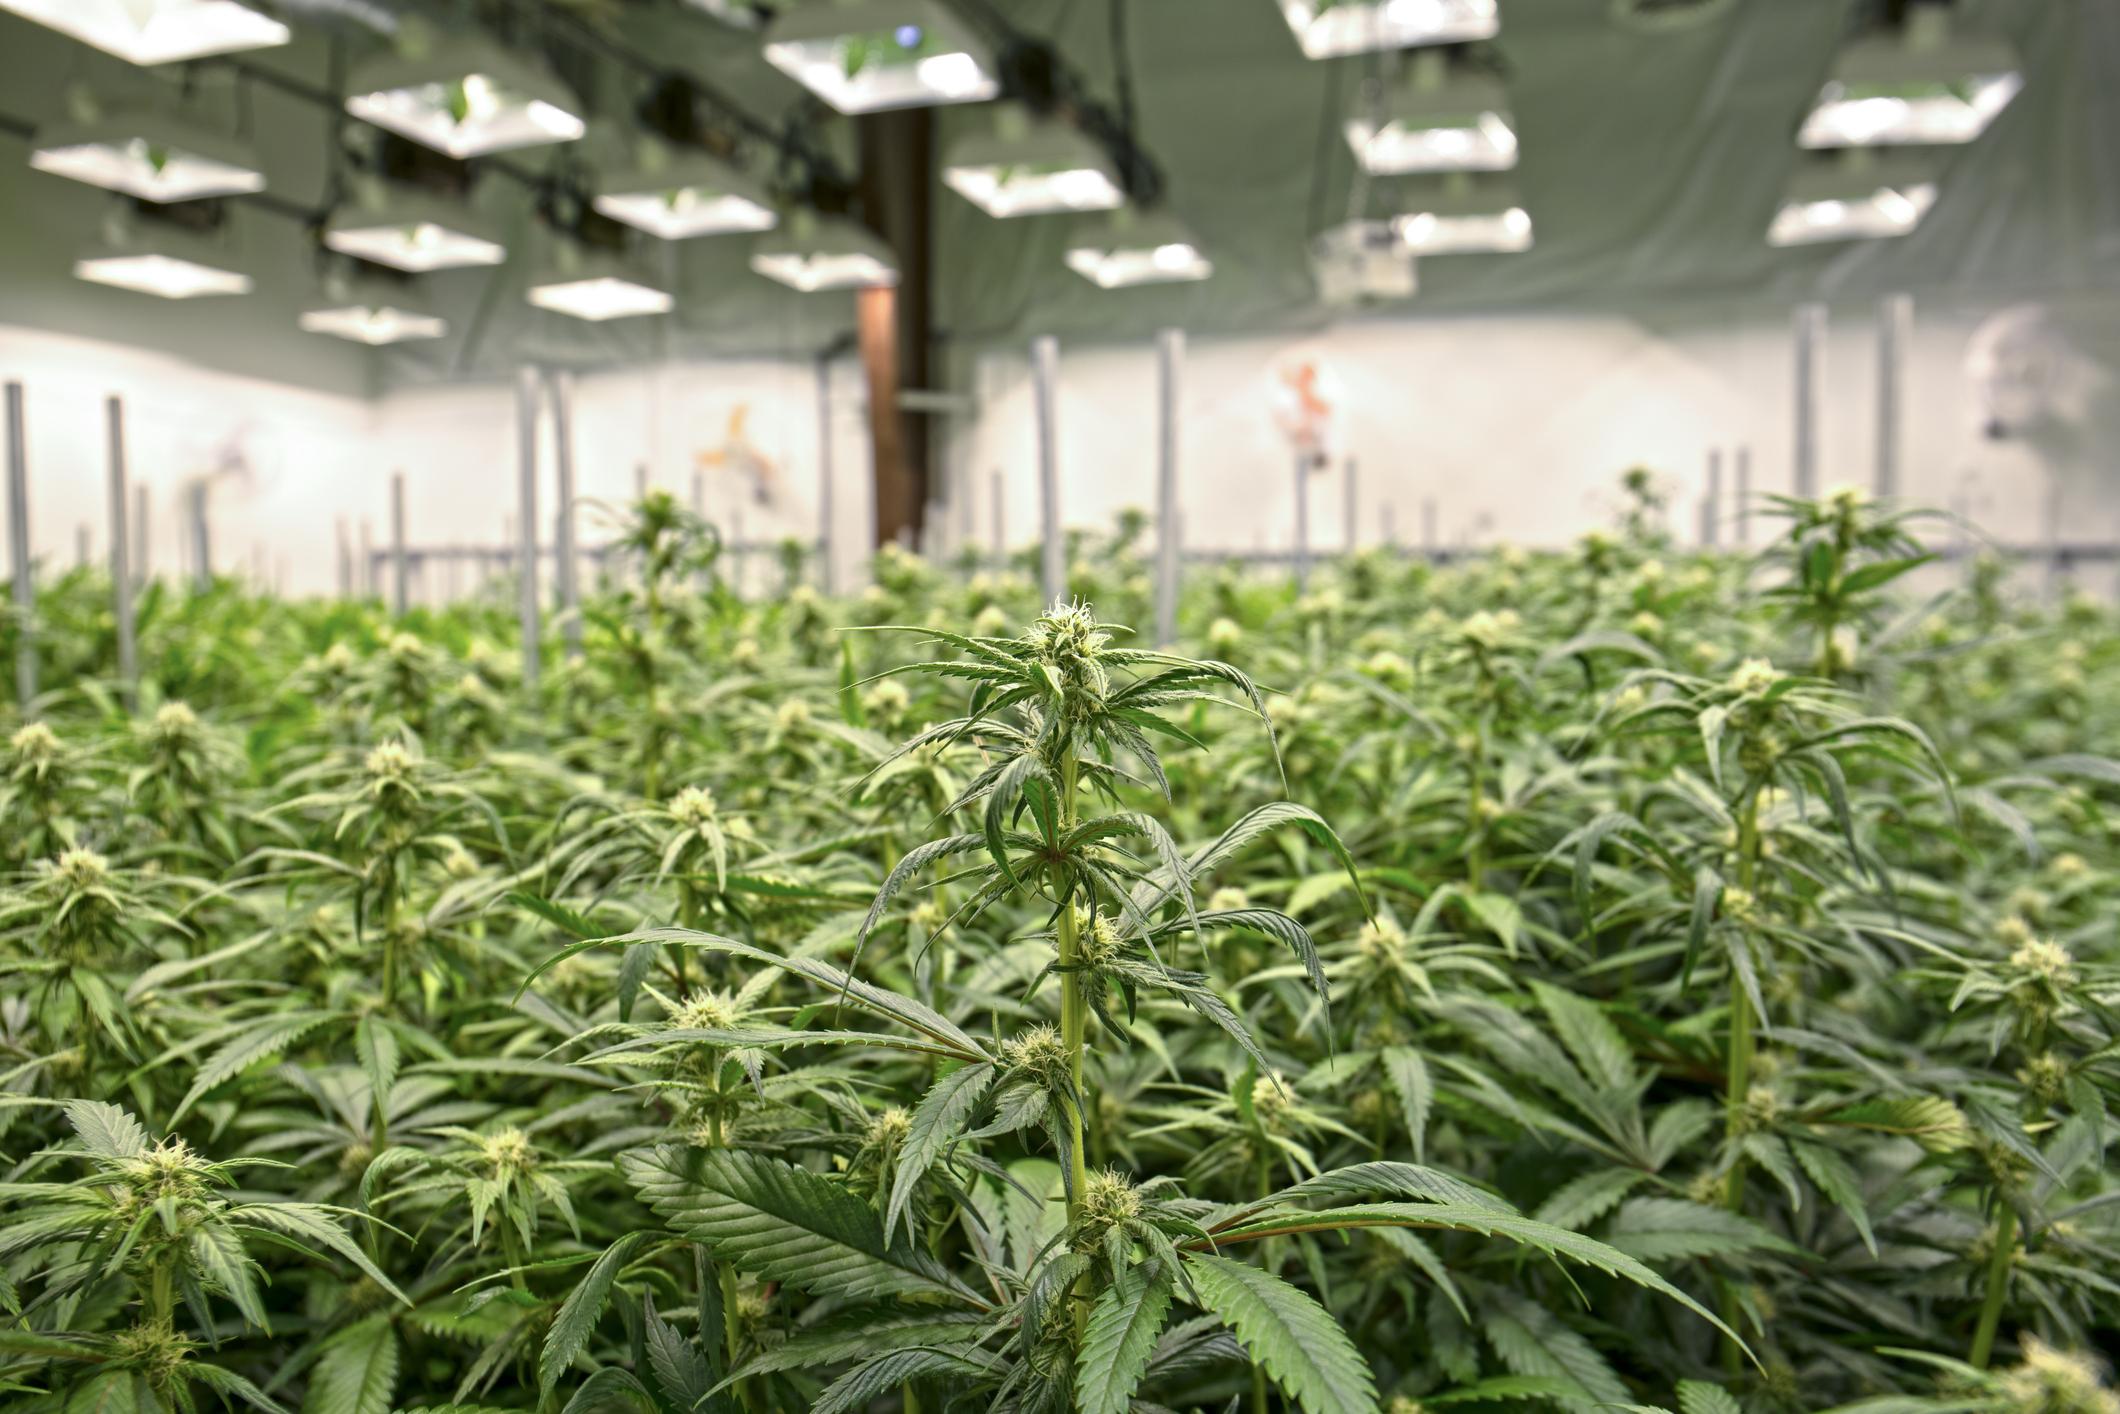 Marijuana growing in an indoor facility